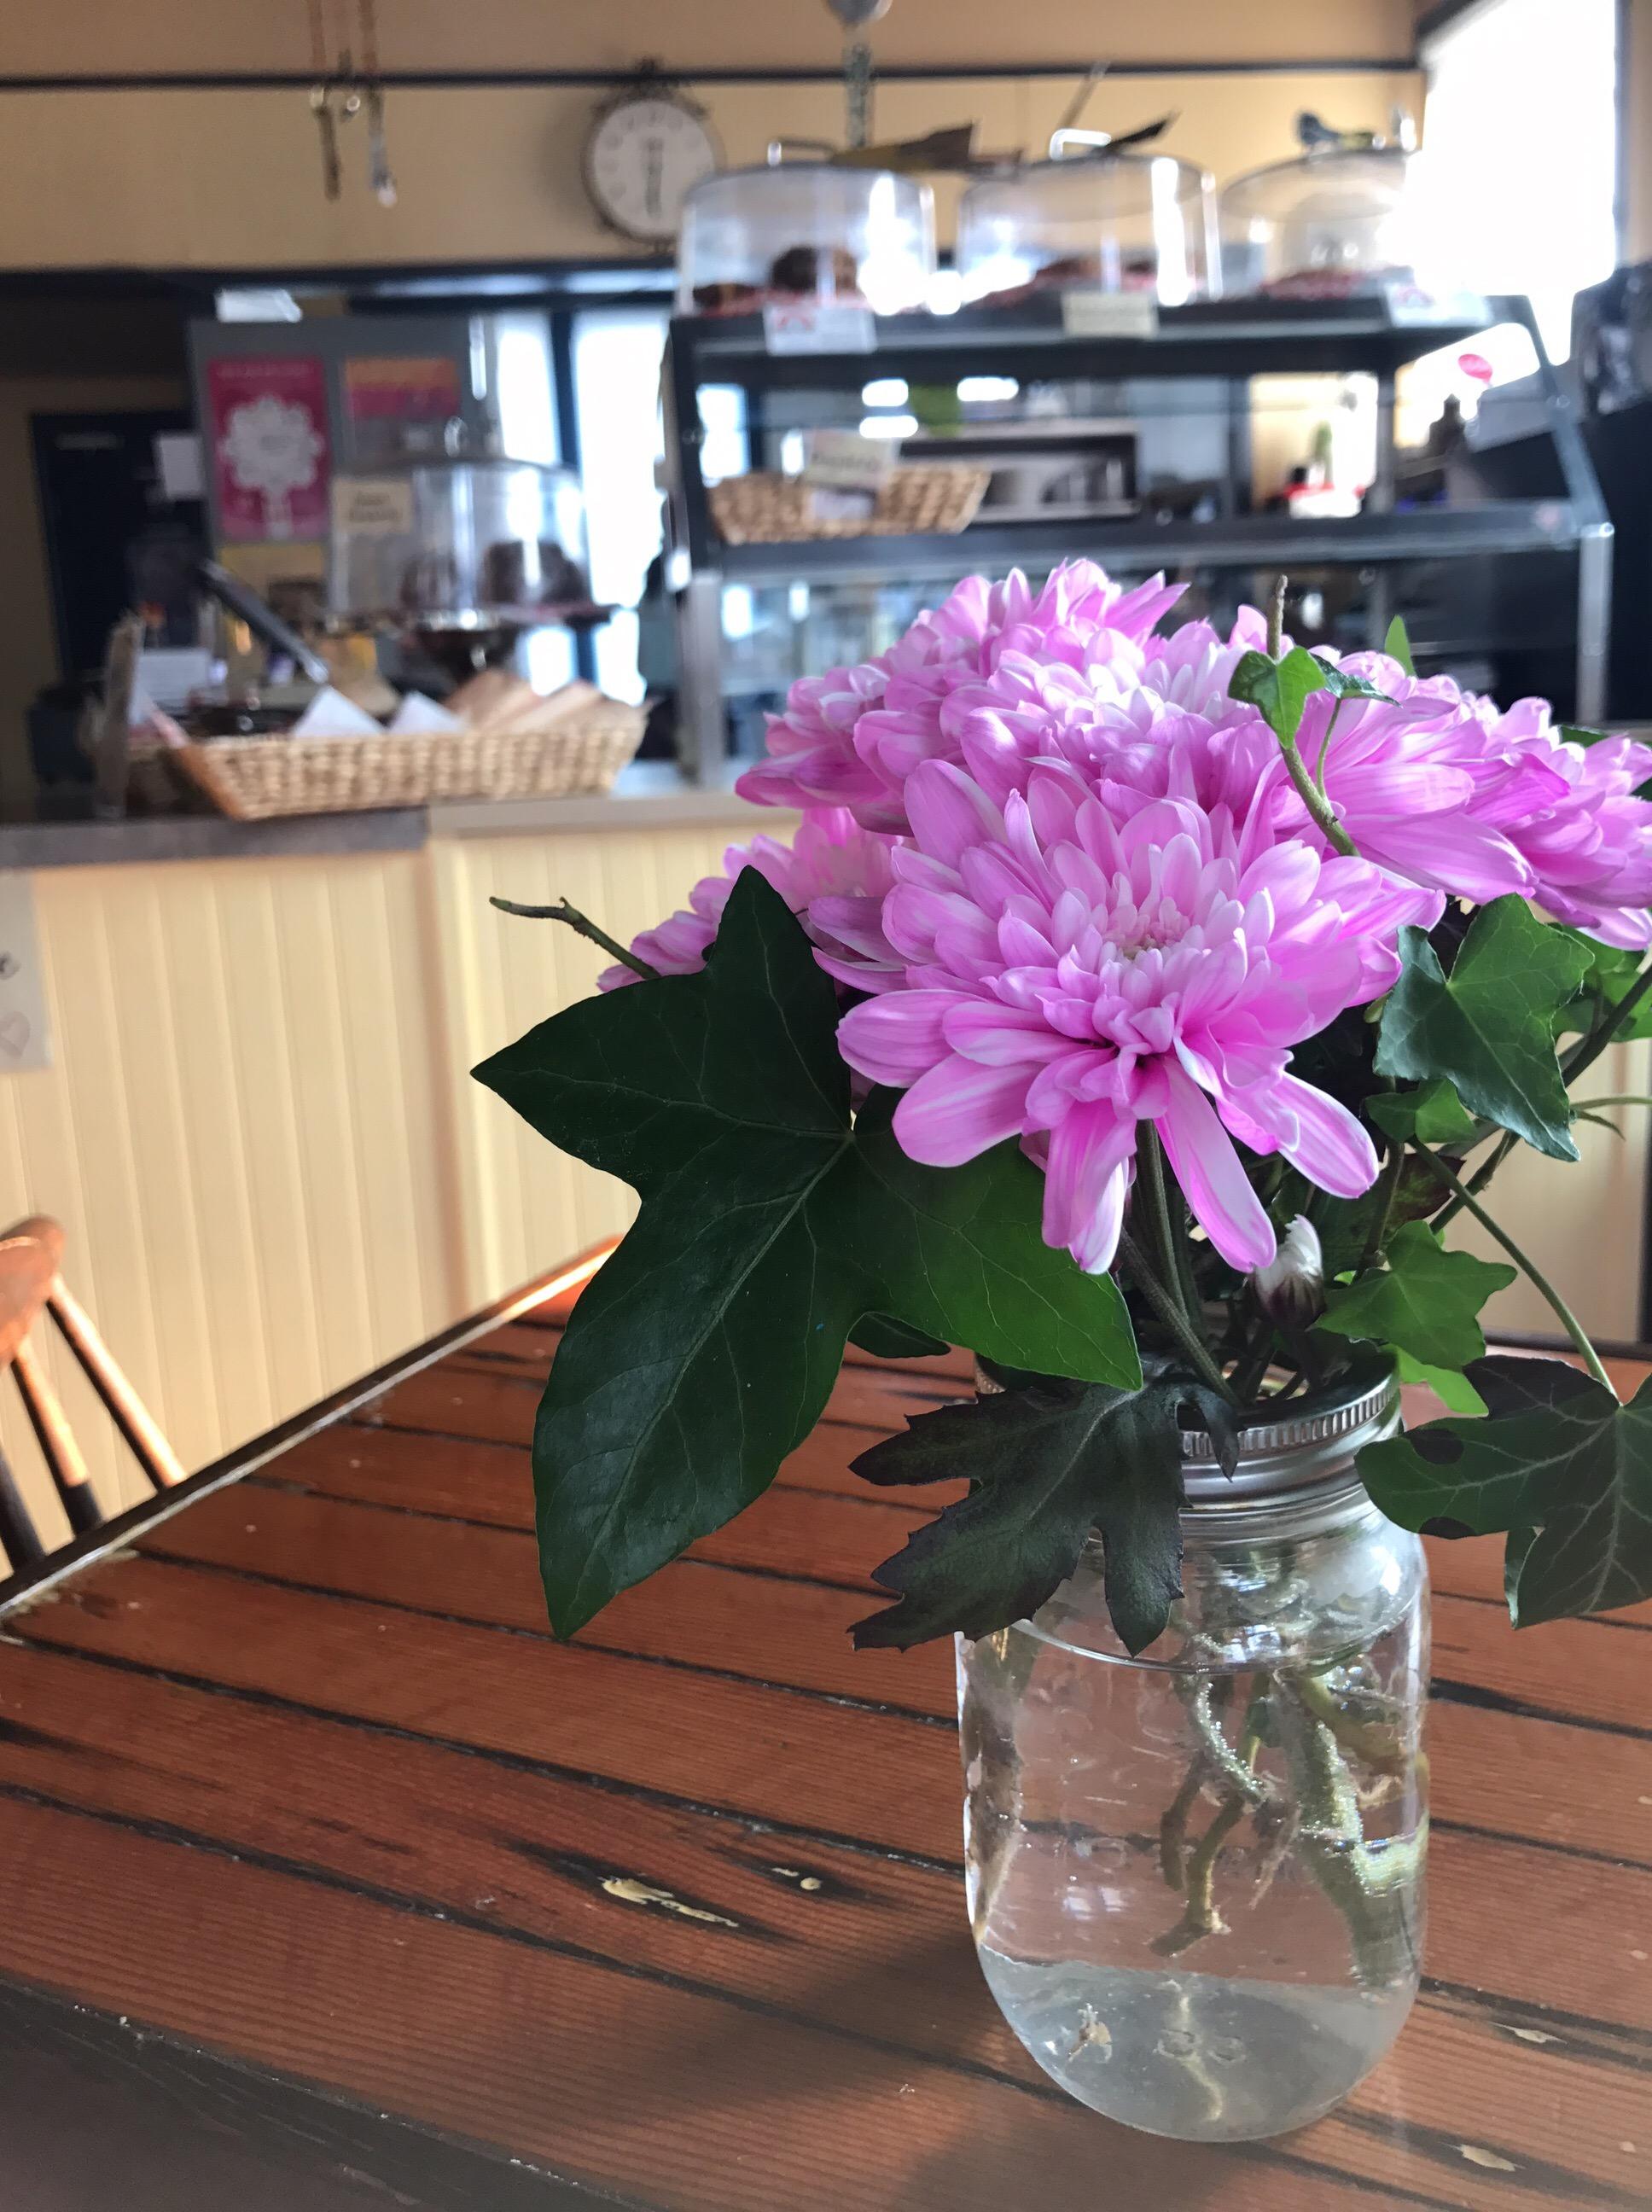 【バンクーバー・注目エリア】キツラノで人気スイーツ店&カフェ巡り♪